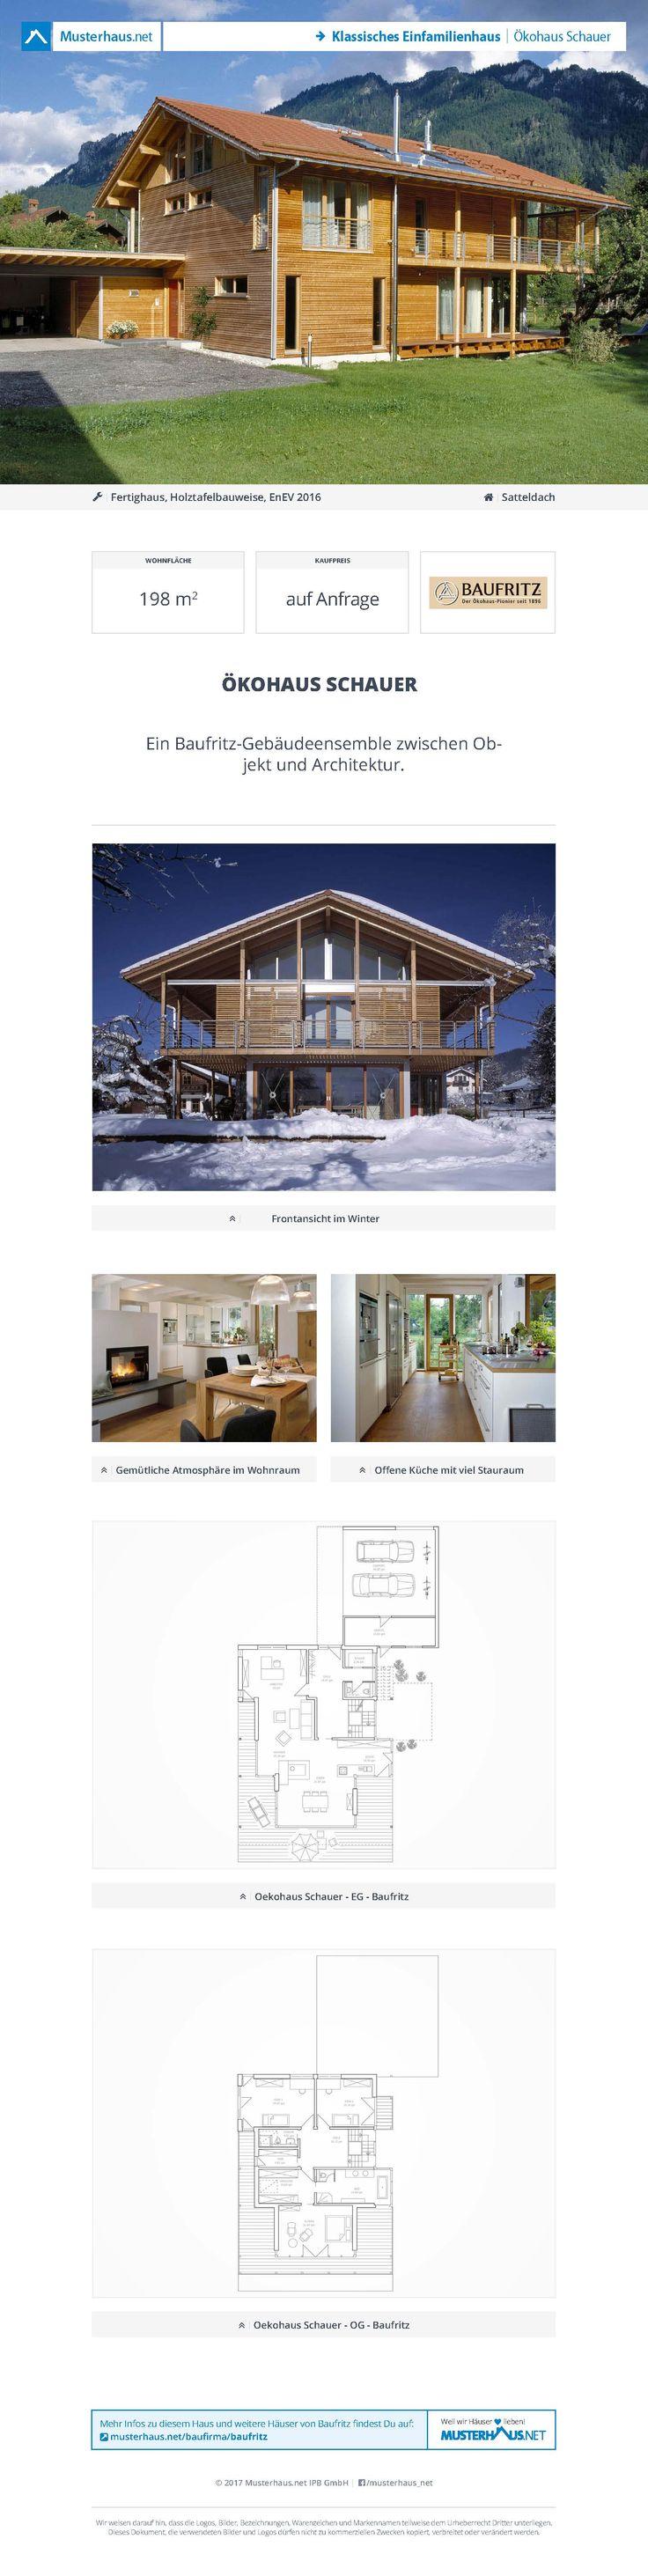 16 best Ökohaus images on Pinterest | Kostenlos, Katalog und Grundrisse